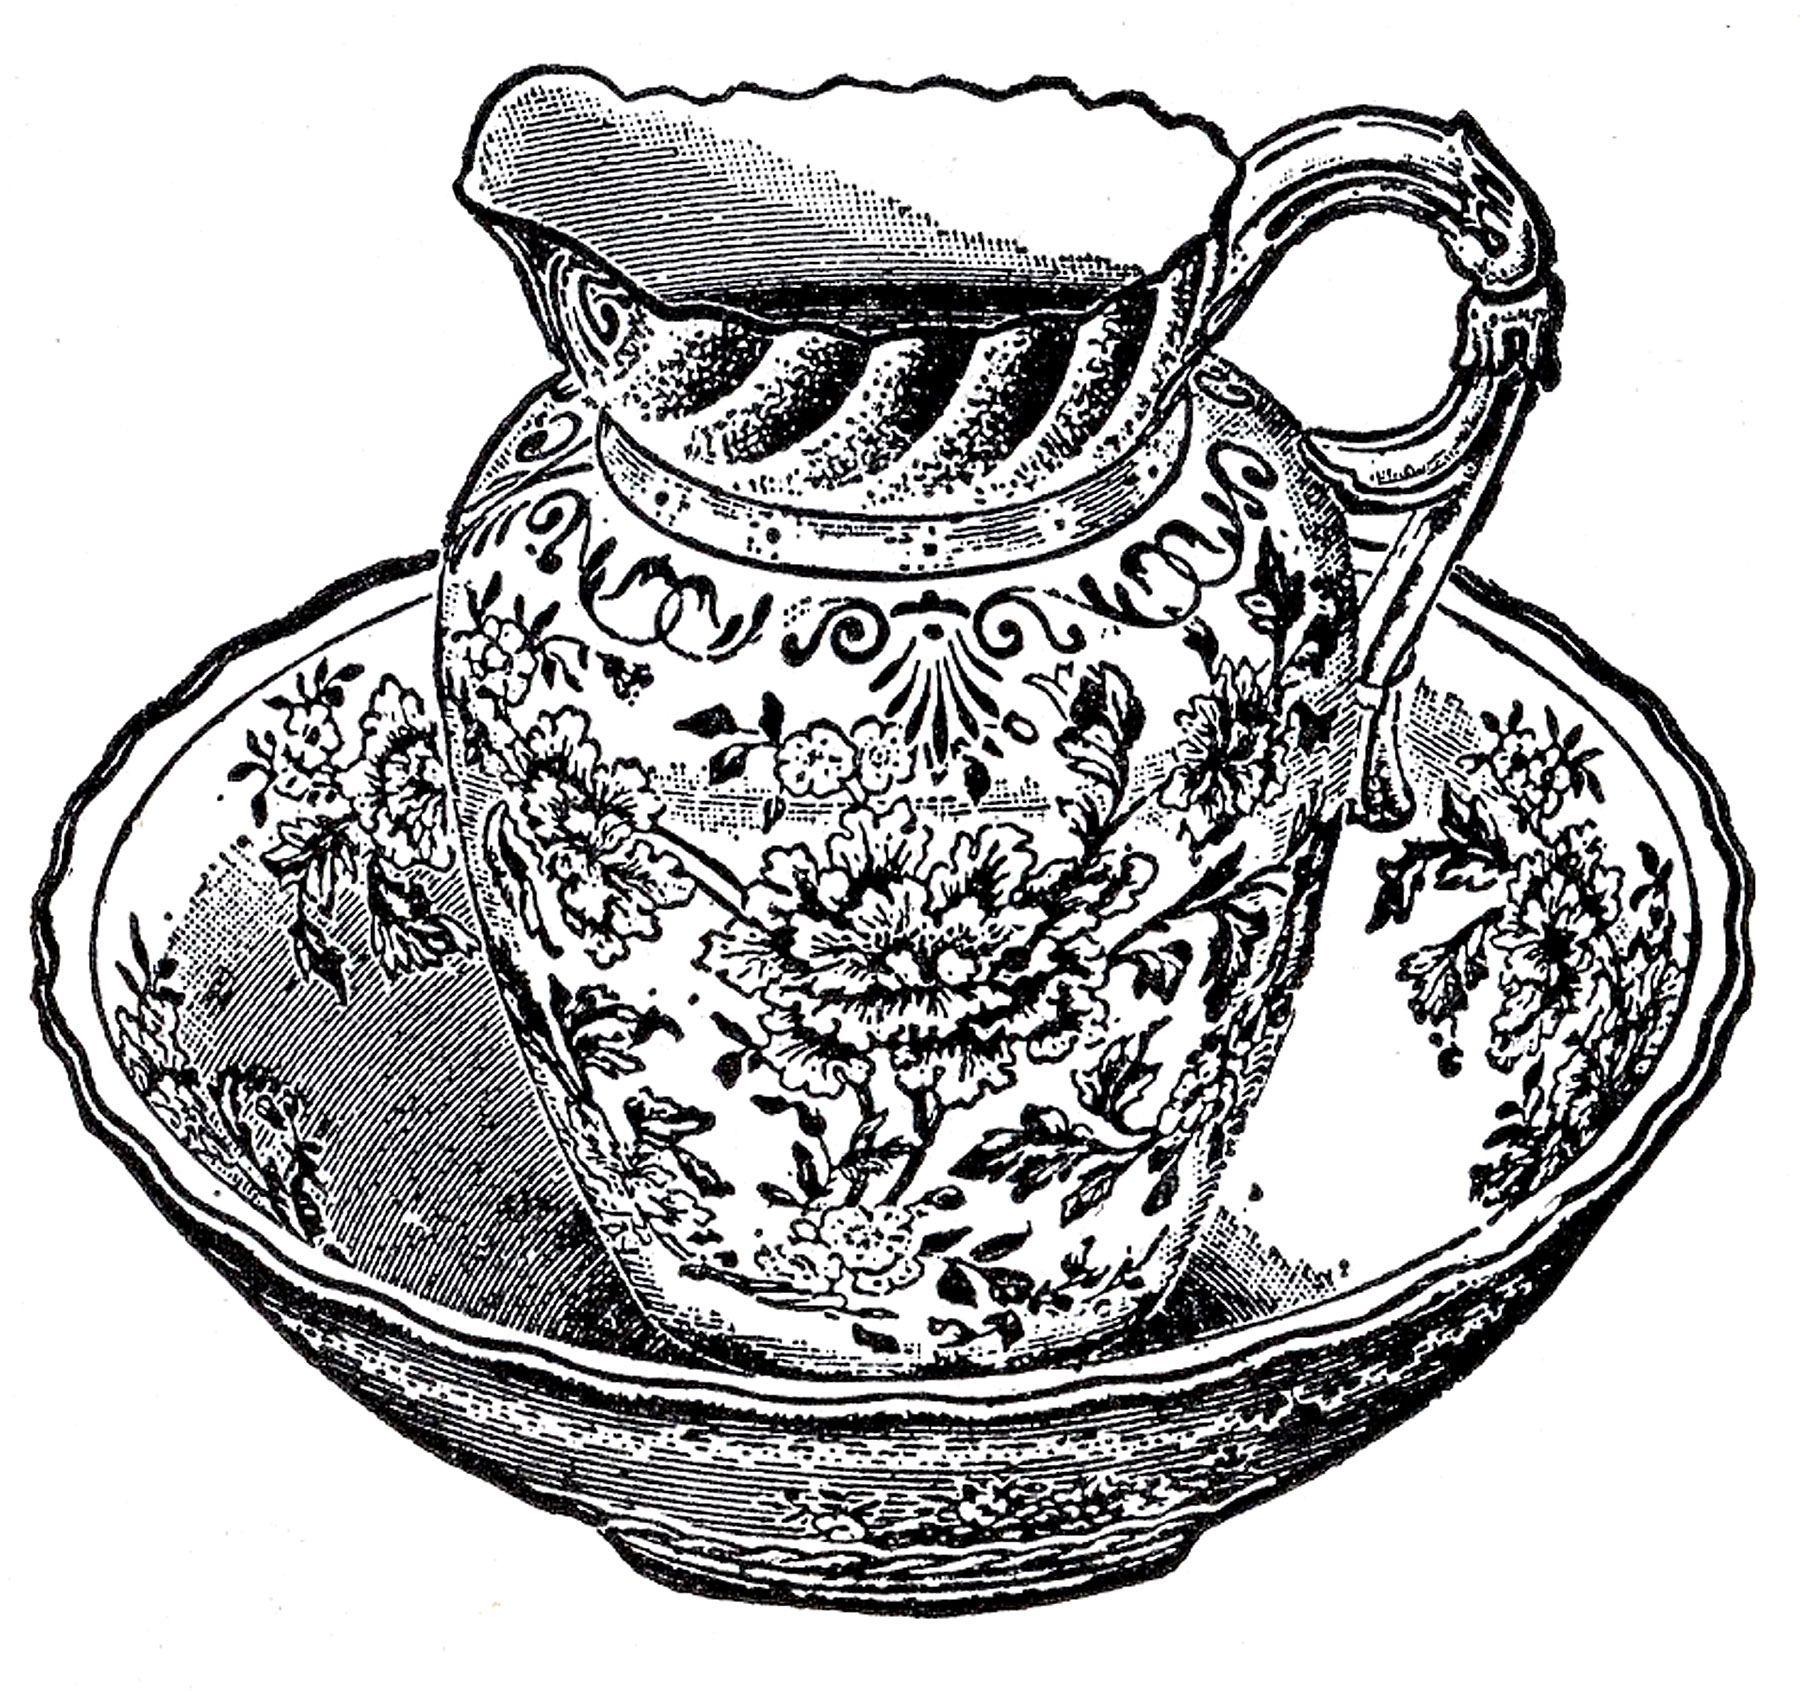 Antique Pitcher And Bowl Image Public Domain Bowl Image Antique Pitcher Graphics Fairy